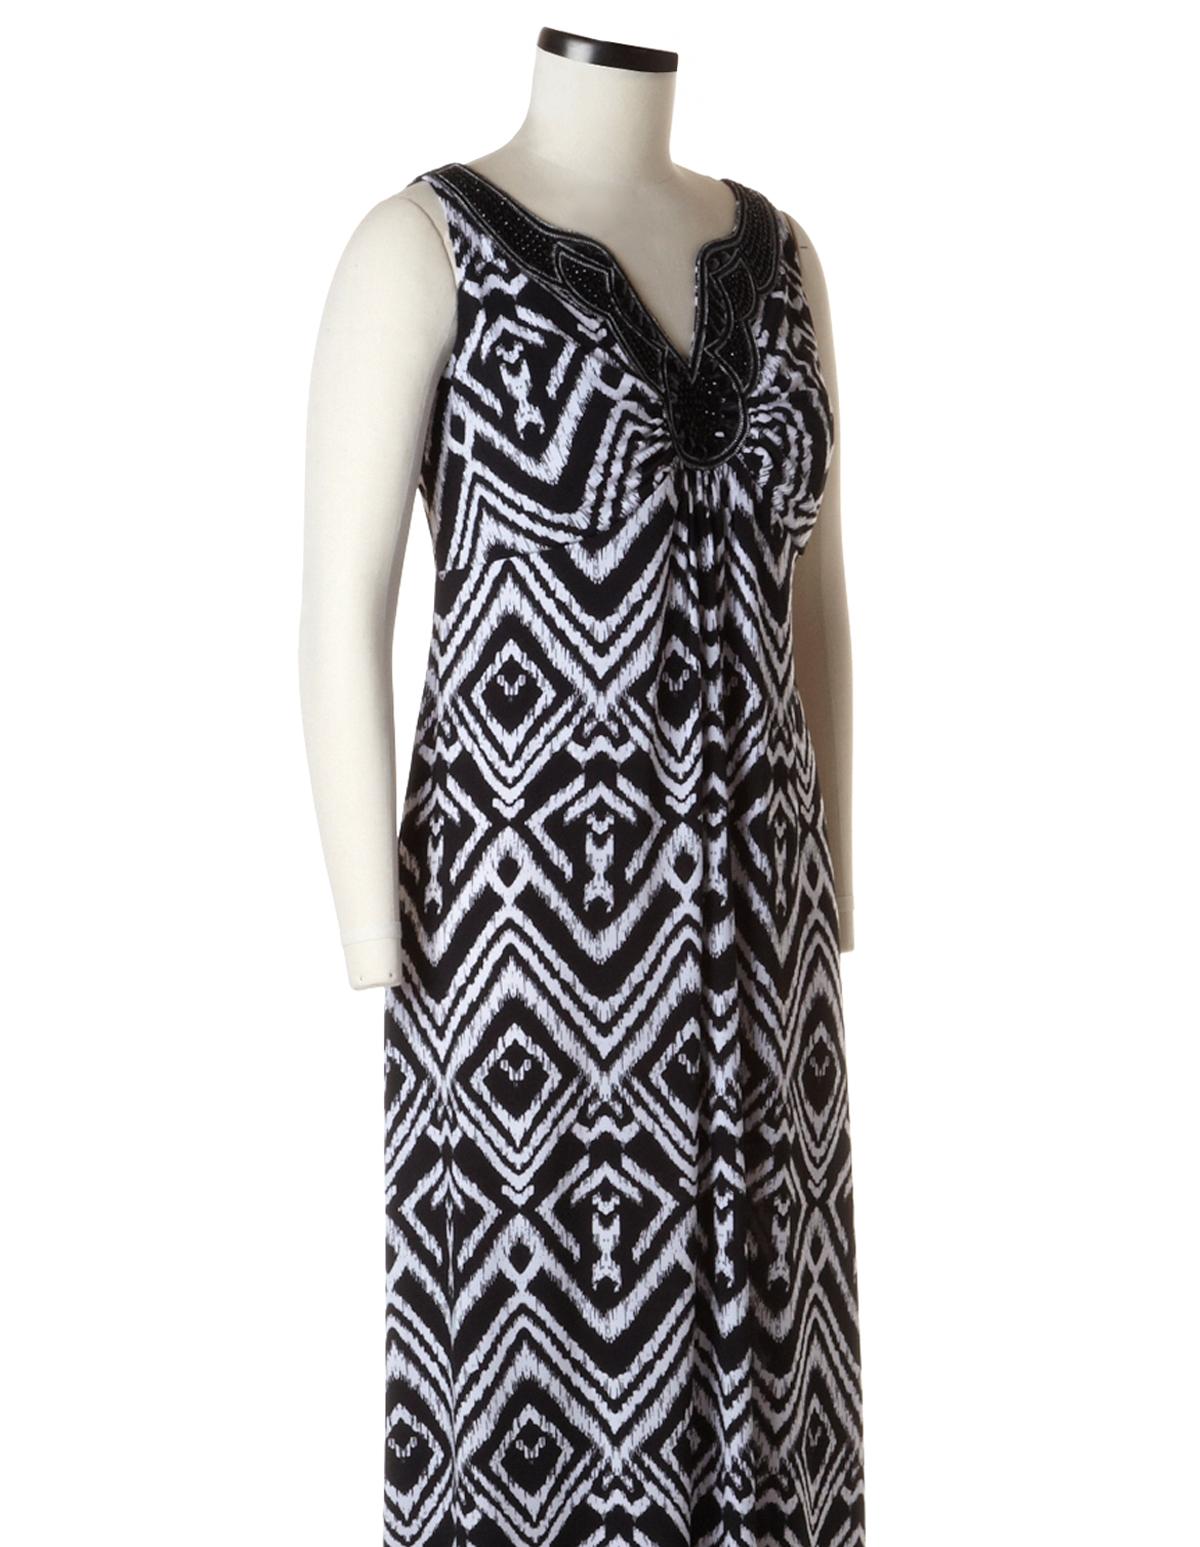 Black and white ikat dress plus